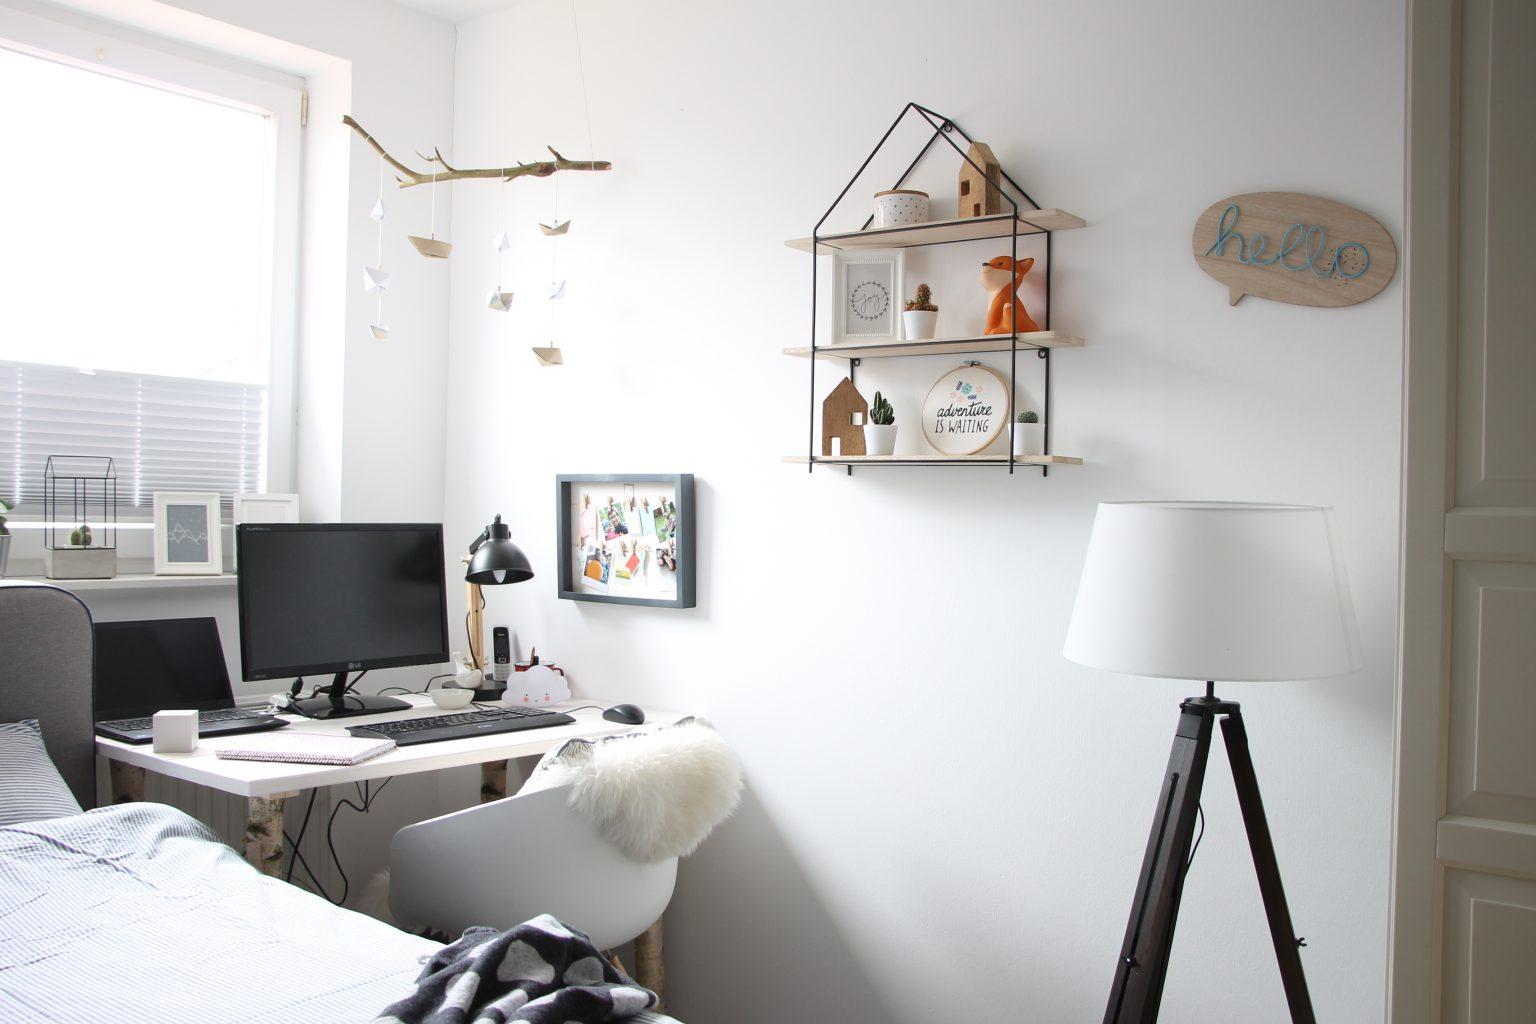 anzeige ein schlafzimmer im scandi style einrichten mit. Black Bedroom Furniture Sets. Home Design Ideas